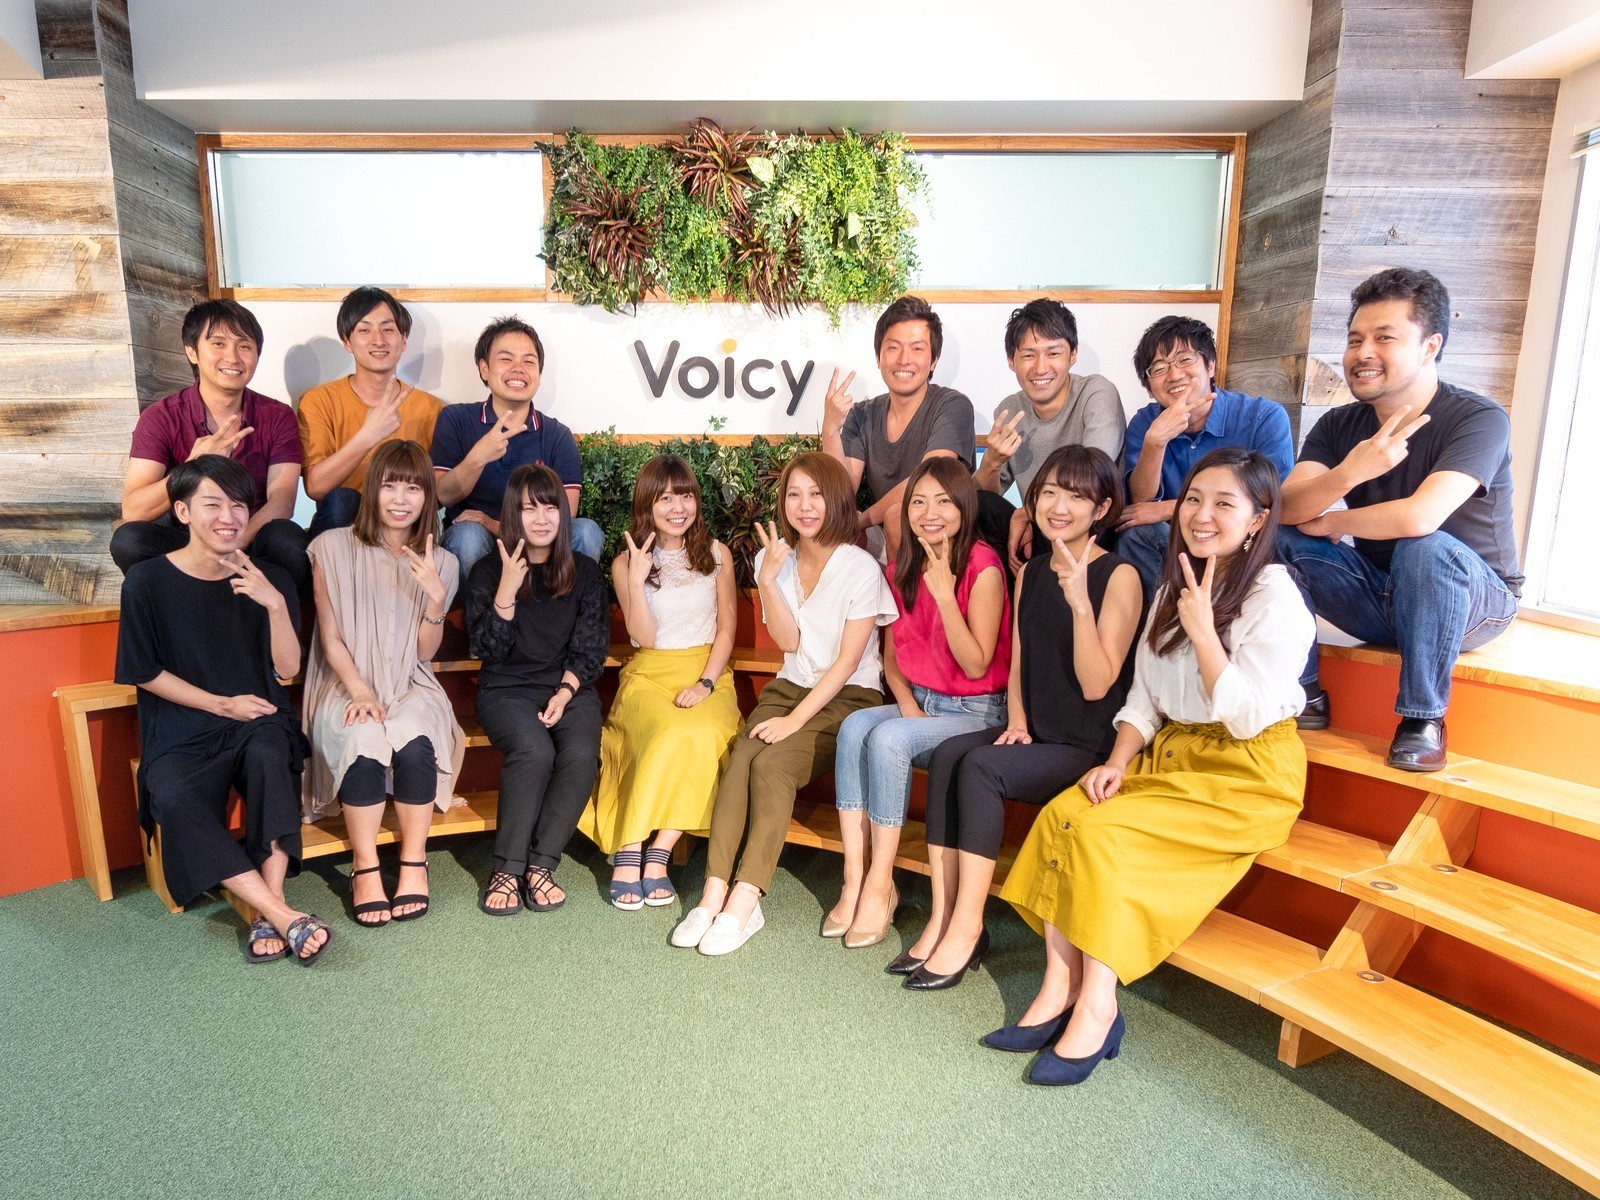 【Swift】声の力で心を震わすプロダクトを!ボイスメディアVoicyのiOSエンジニア募集!